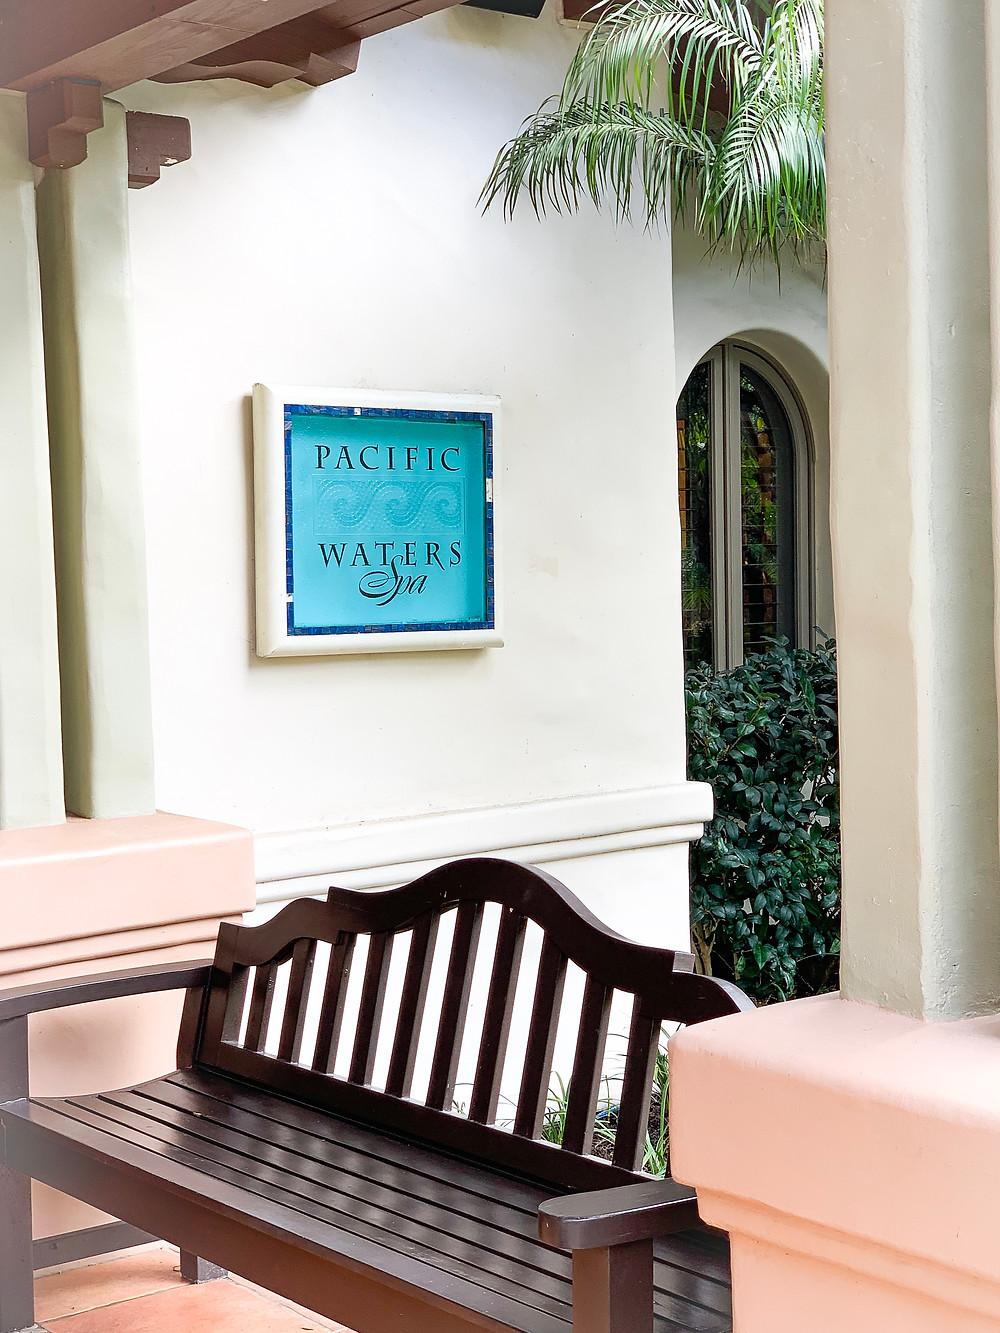 Pacific Waters Spa - Hyatt Regency